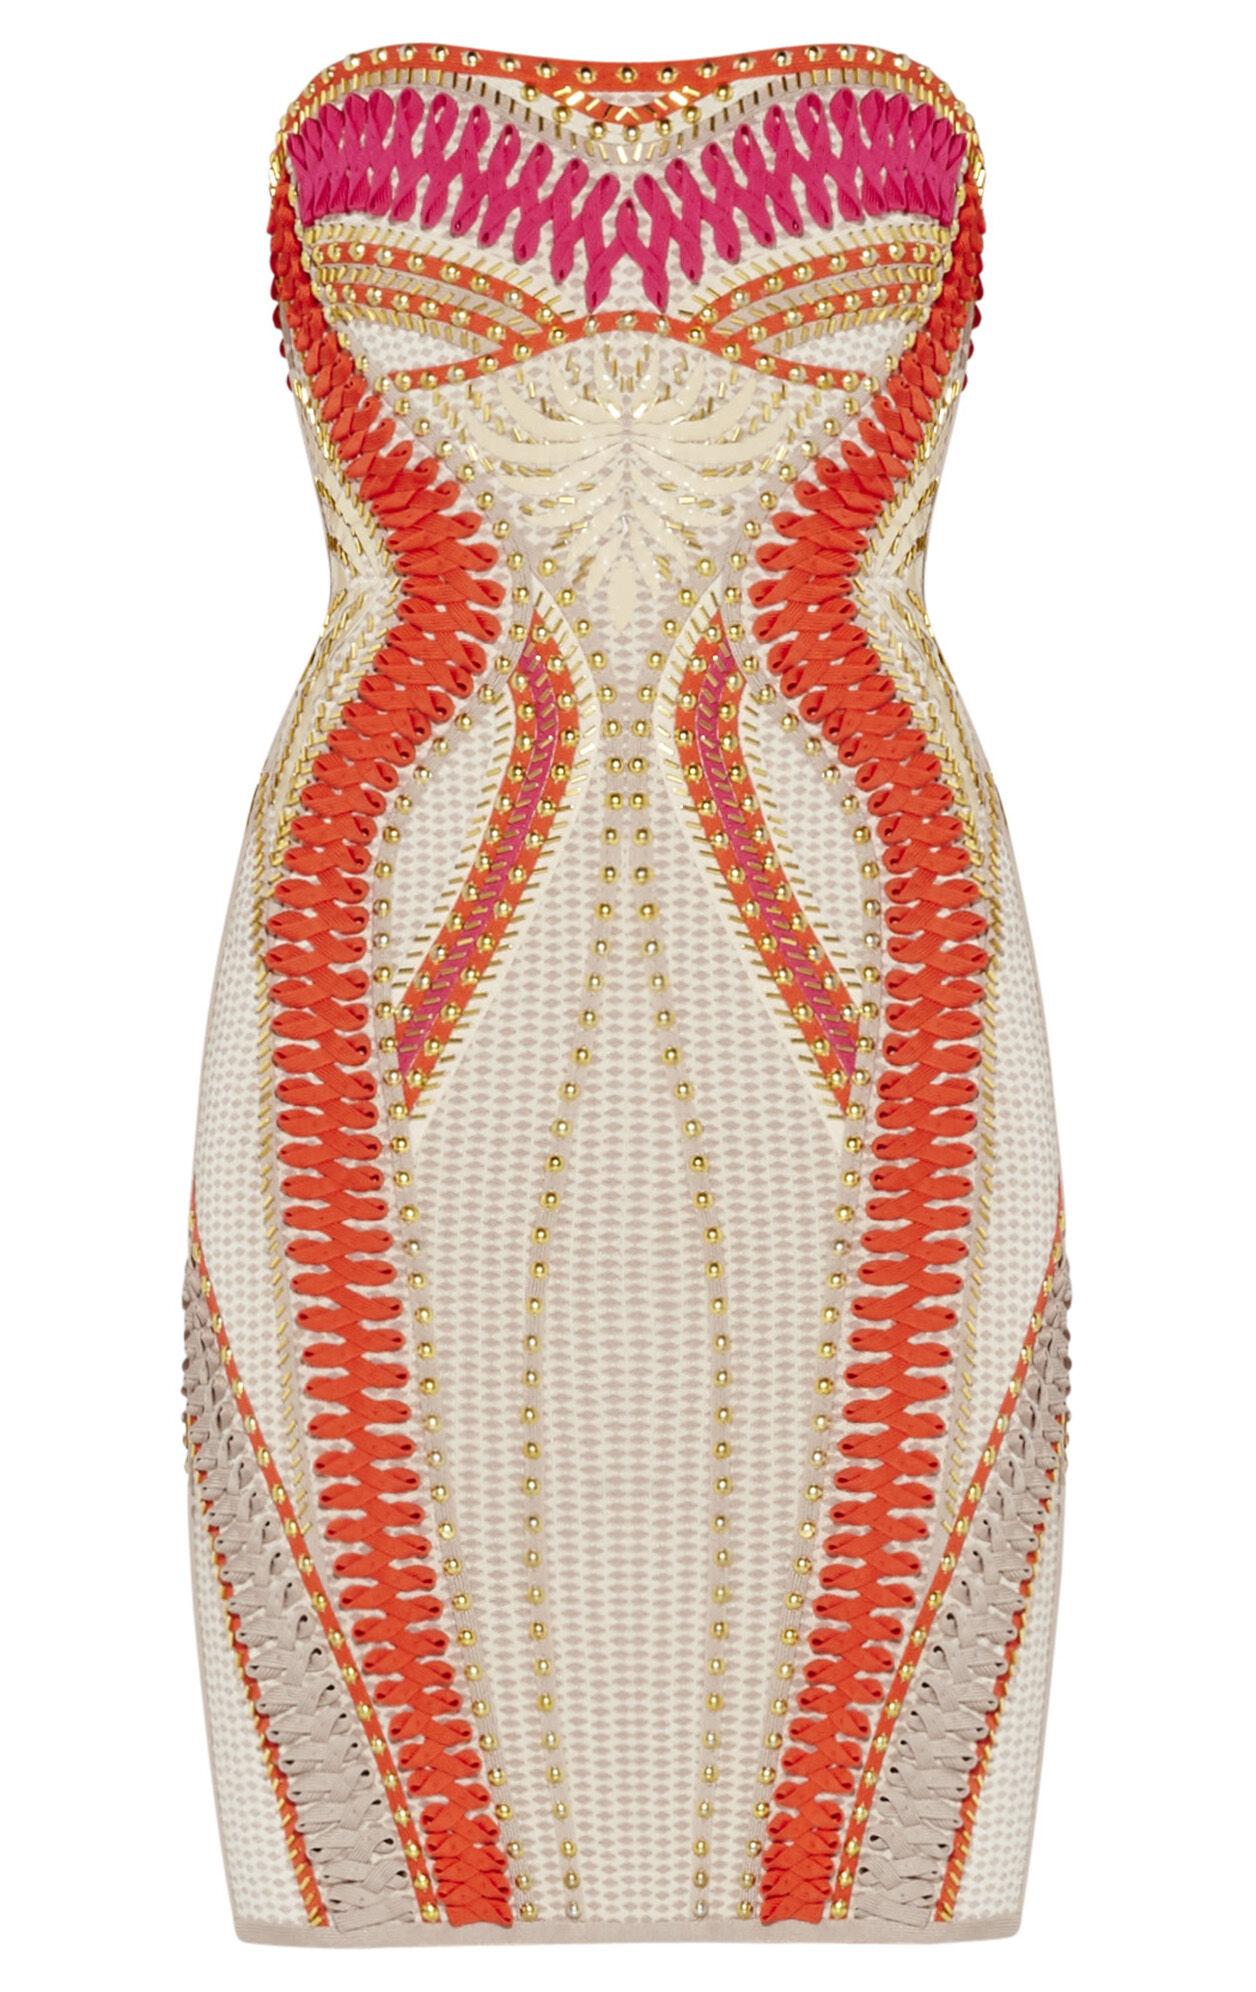 Roya Waffle Jacquard Dress